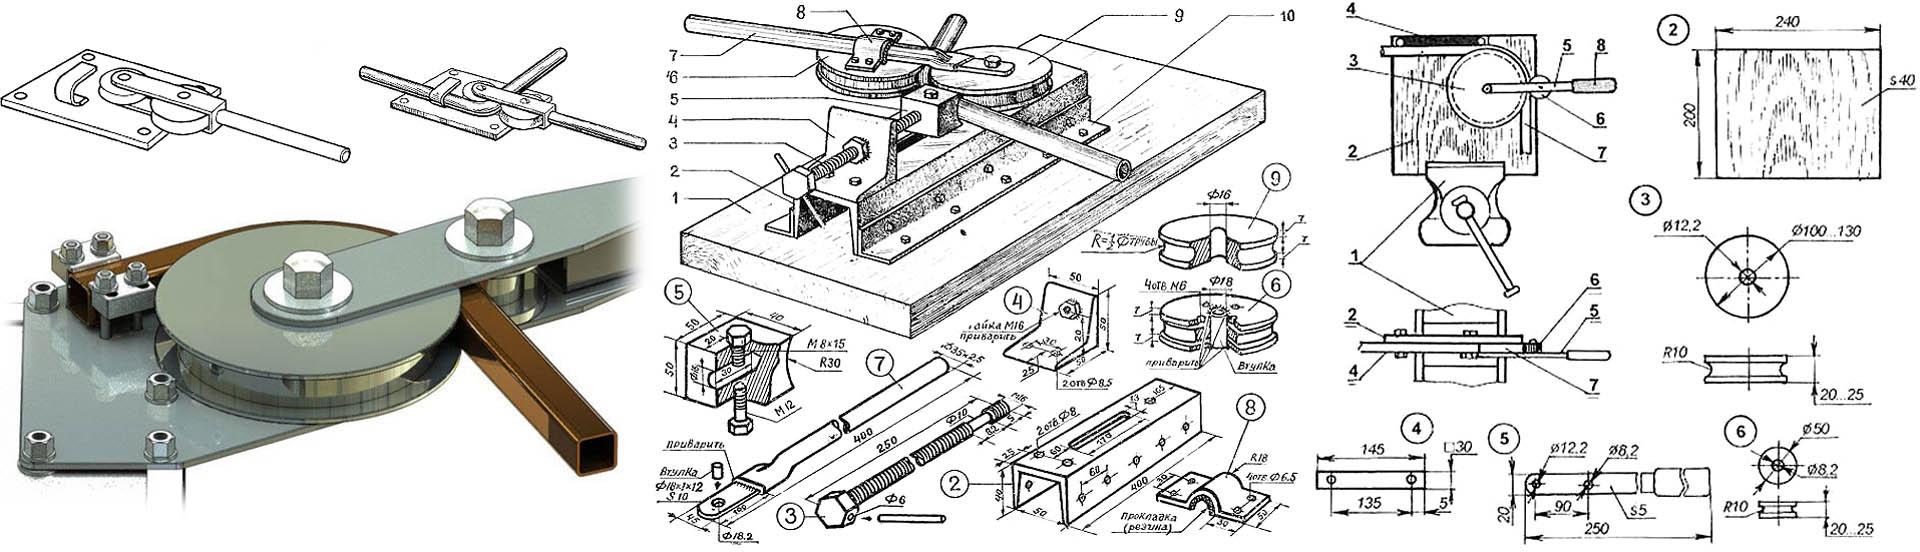 Ручной трубогиб (31 фото): обзор универсальных трубогибочных станков. как пользоваться? как он работает?